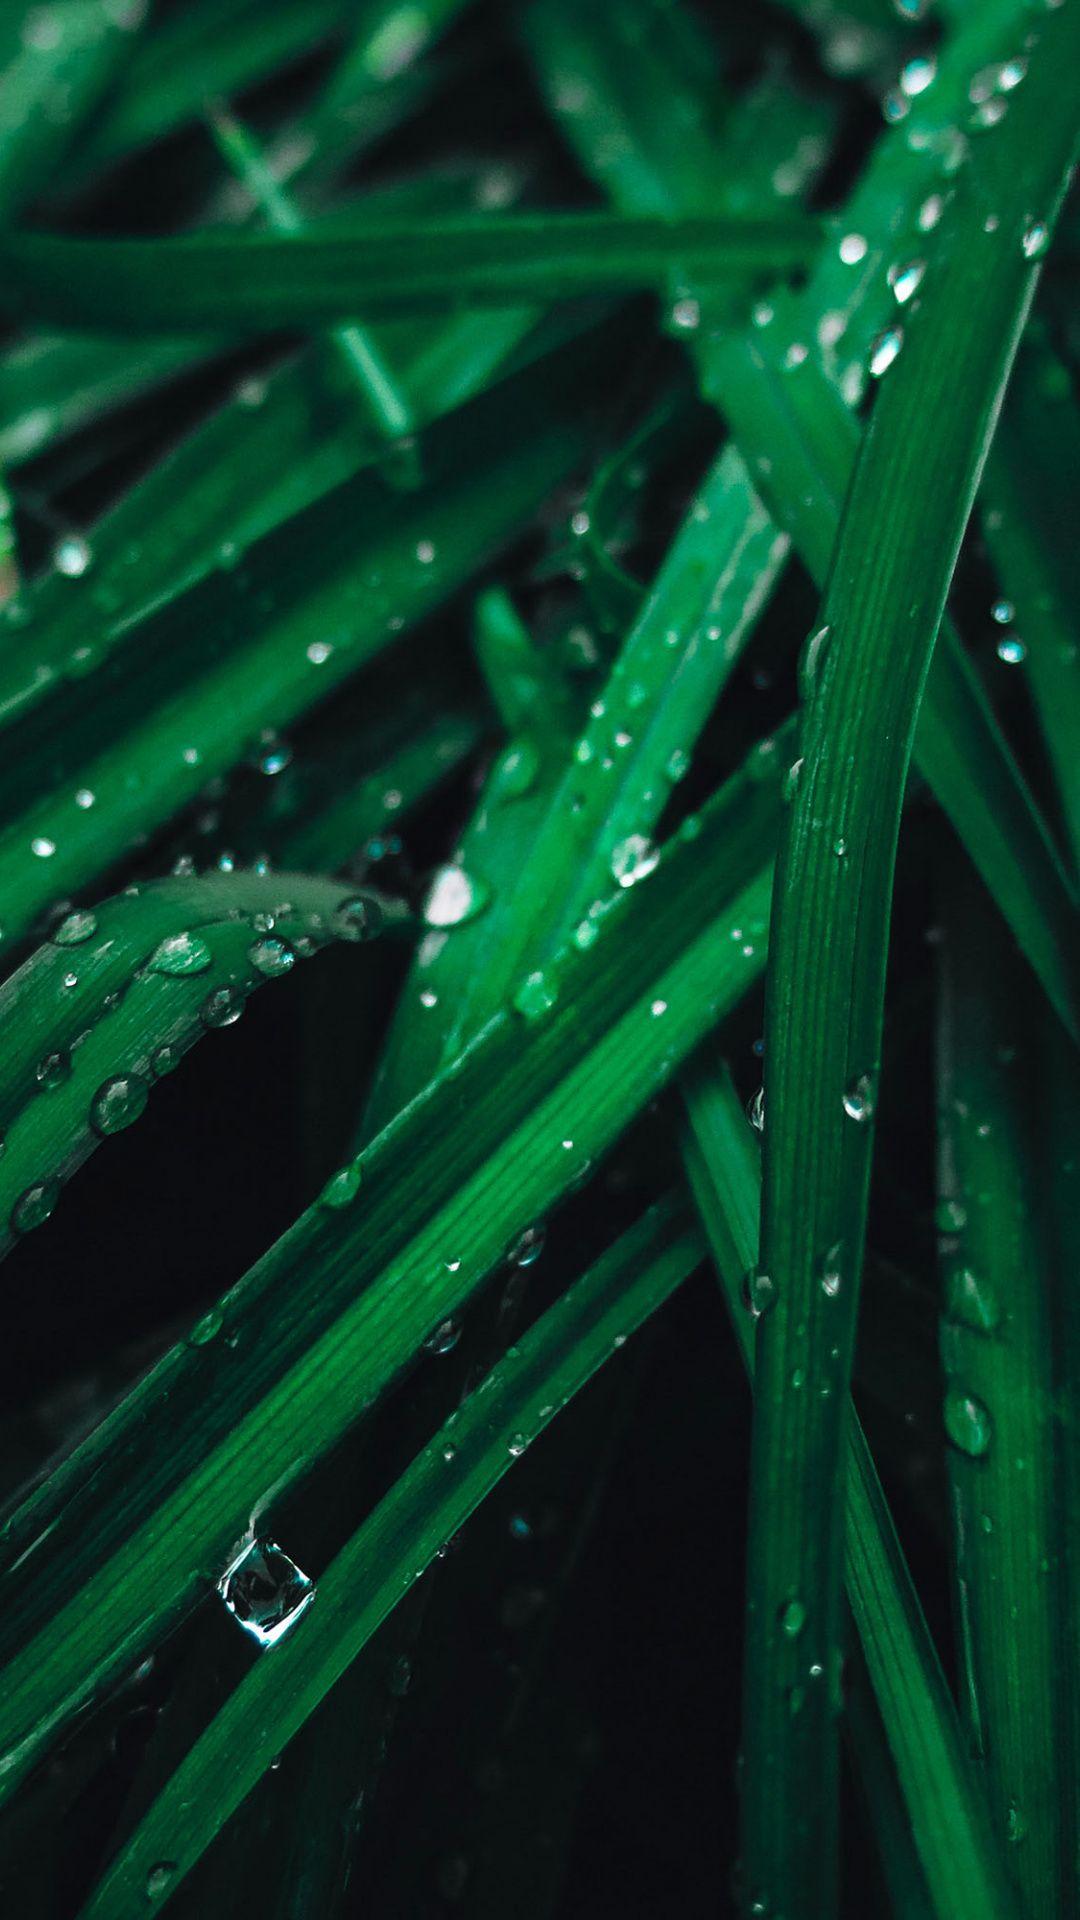 drops close up green grass wallpaper grass wallpaper graphic wallpaper green aesthetic pinterest